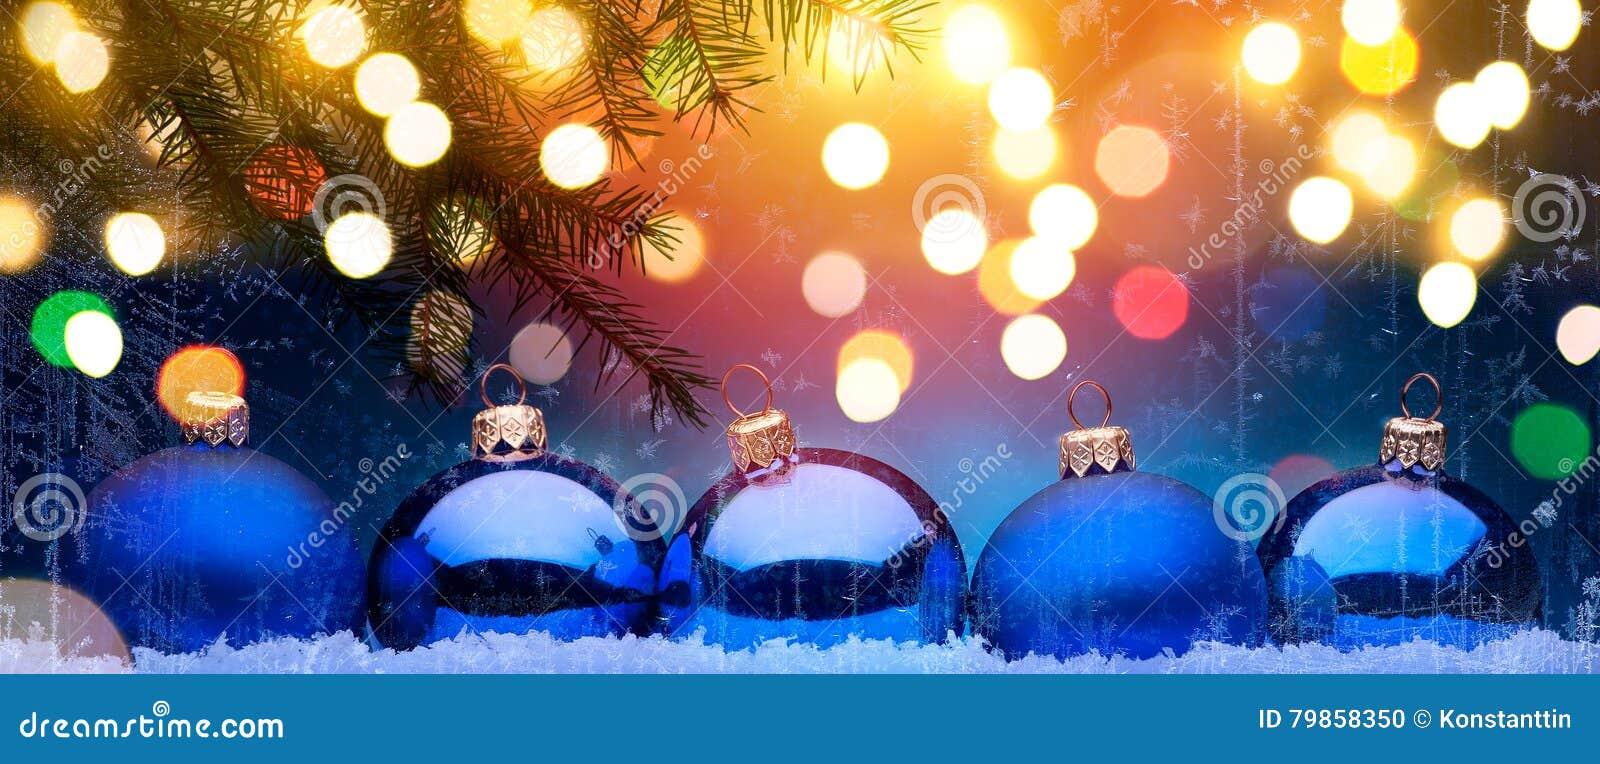 Noël bleu ; Fond de vacances avec la décoration de Noël